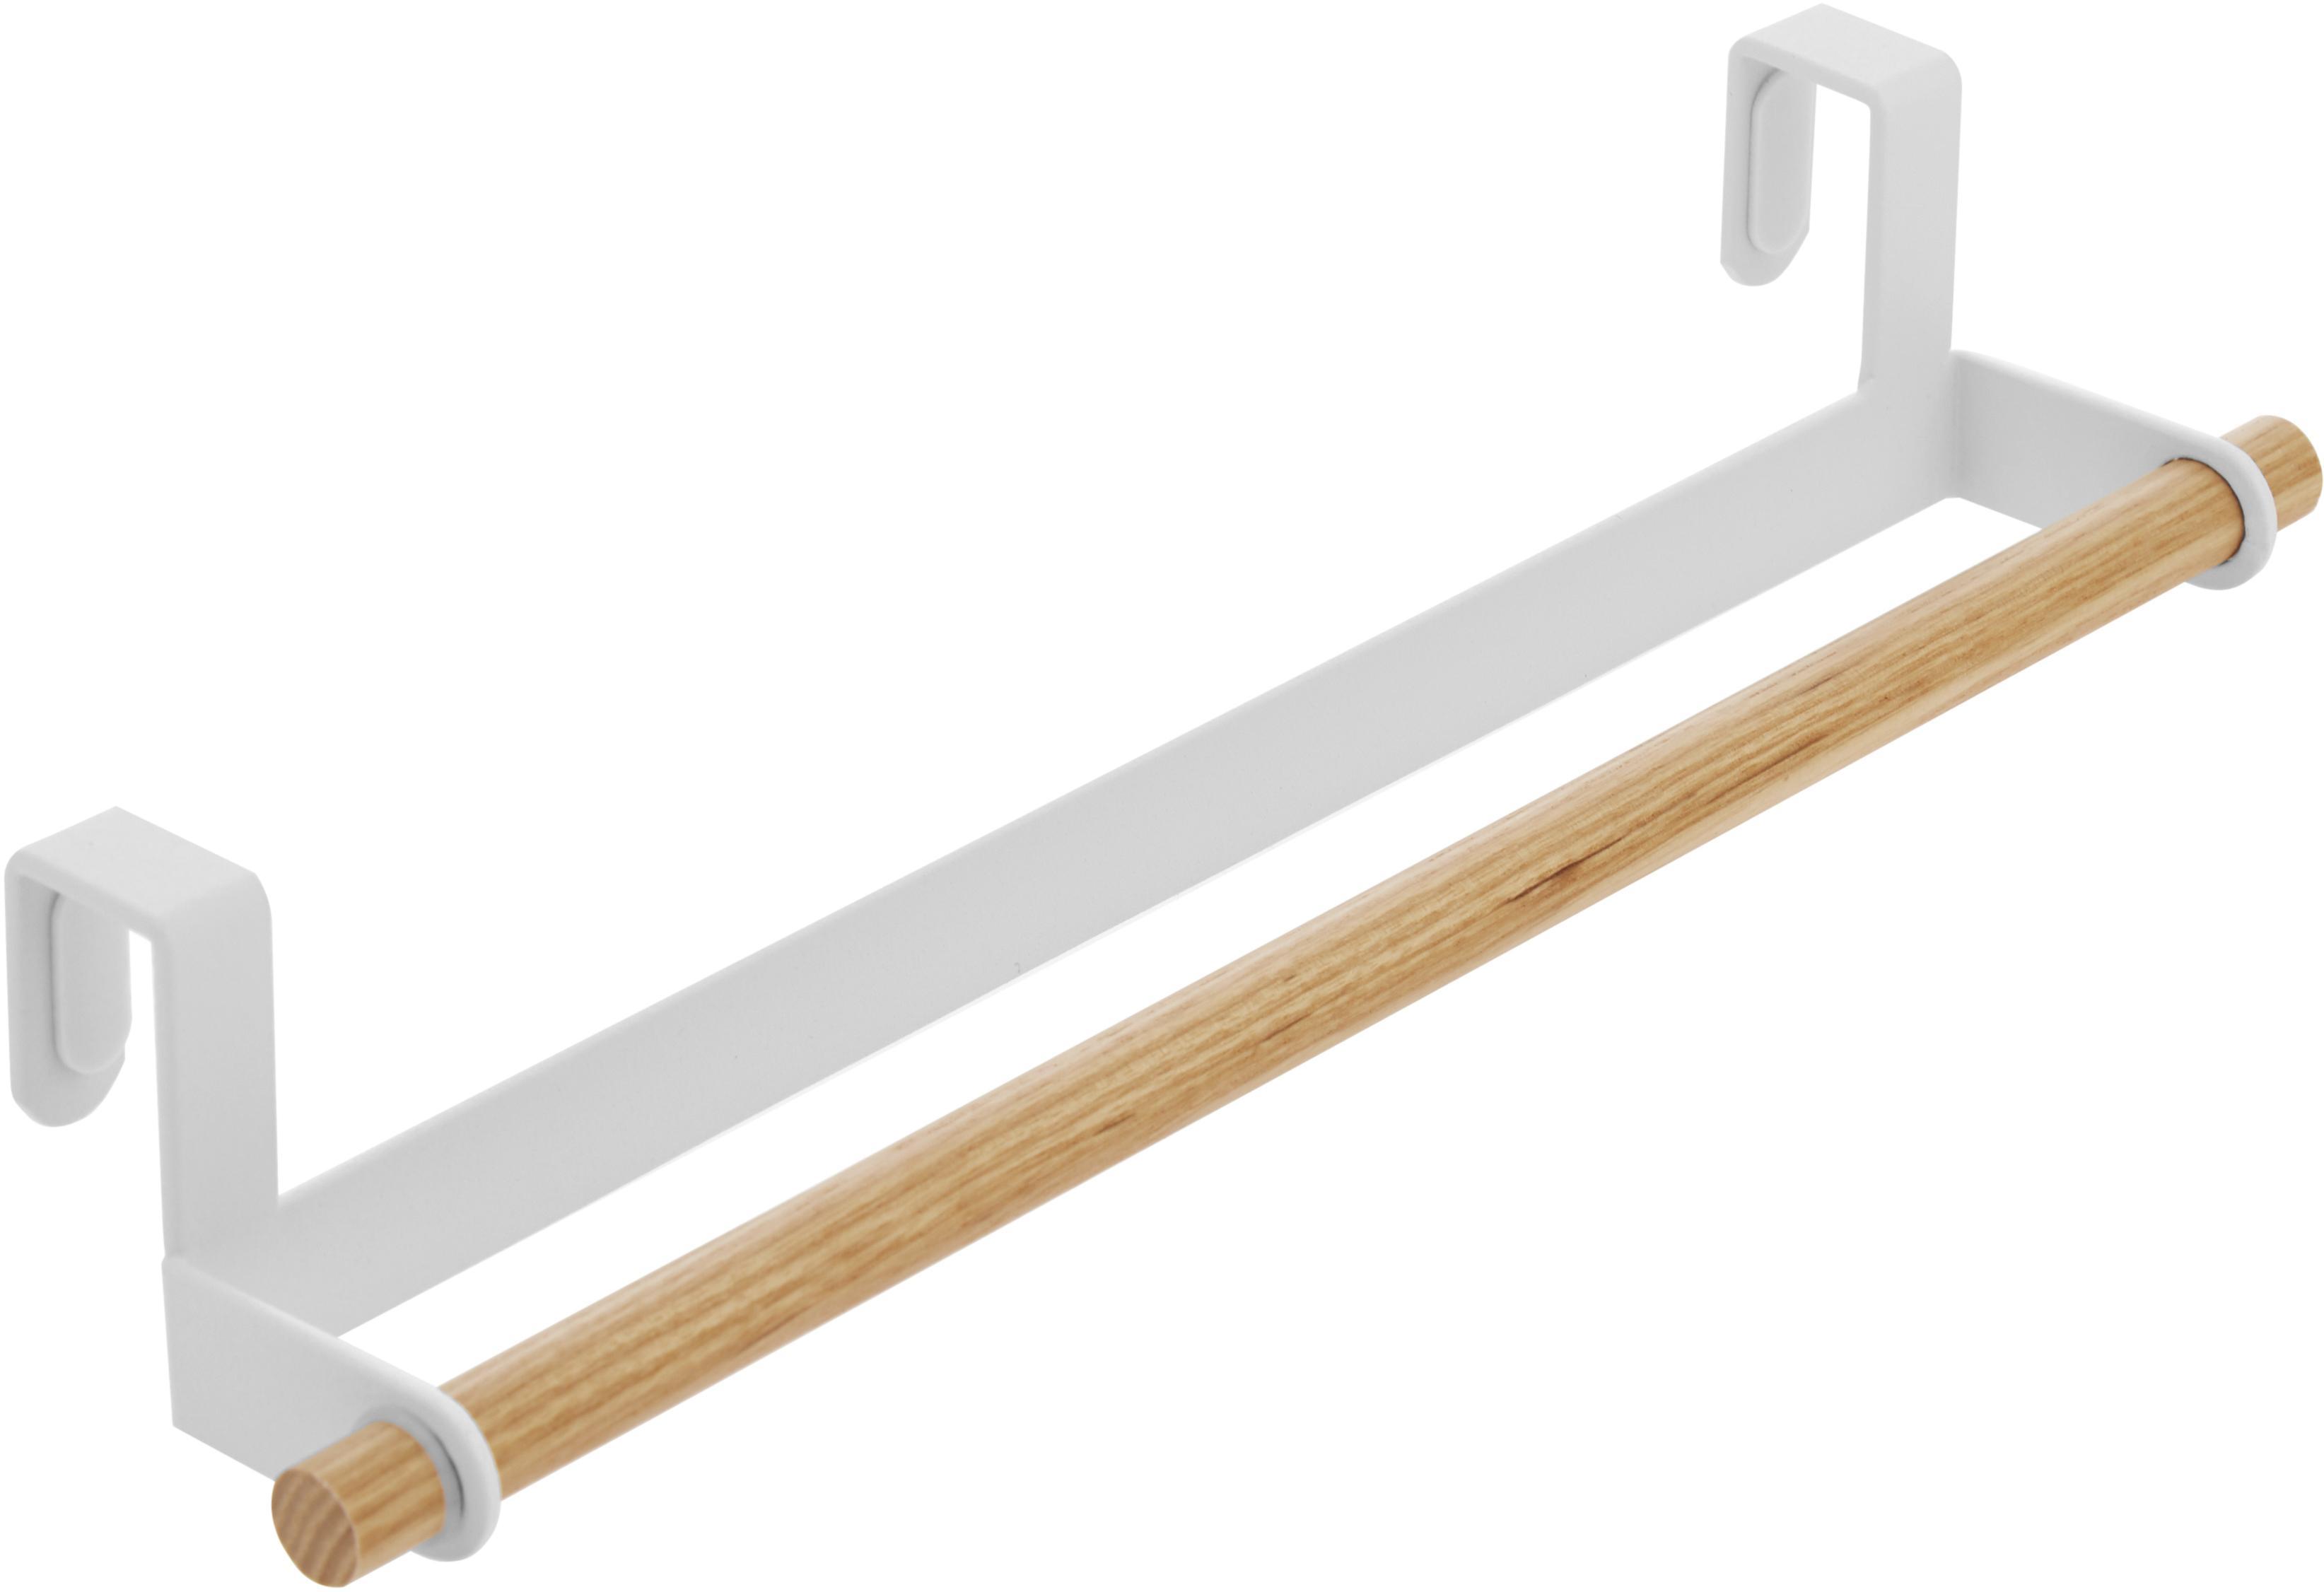 Porta asciugamani Tosca, Asta: acciaio rivestito, Asta: legno, Bianco, legno, Larg. 33 x Alt. 6 cm